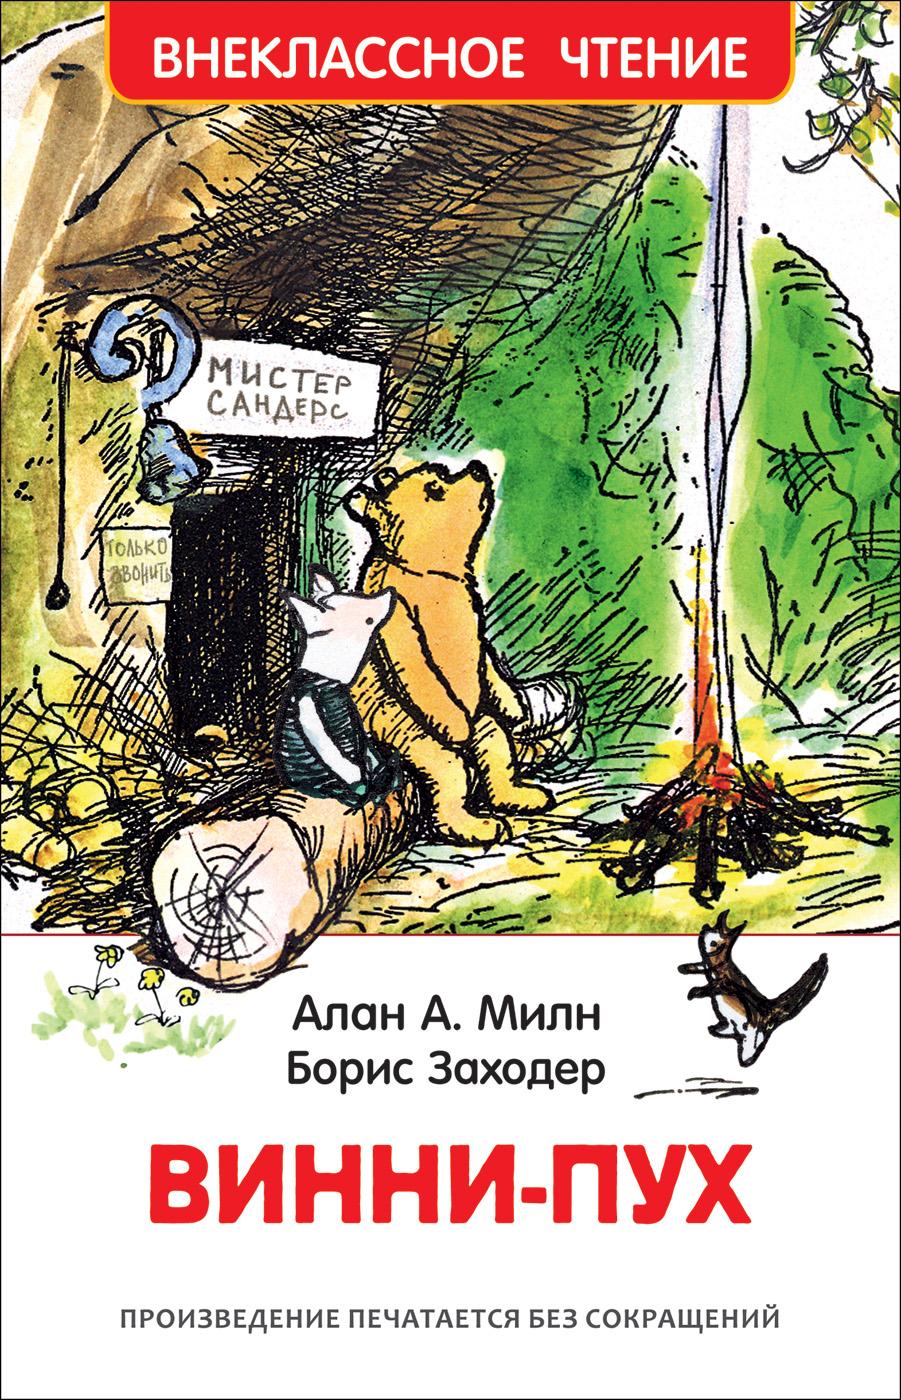 Милн А. Милн А. Винни-Пух (ВЧ)